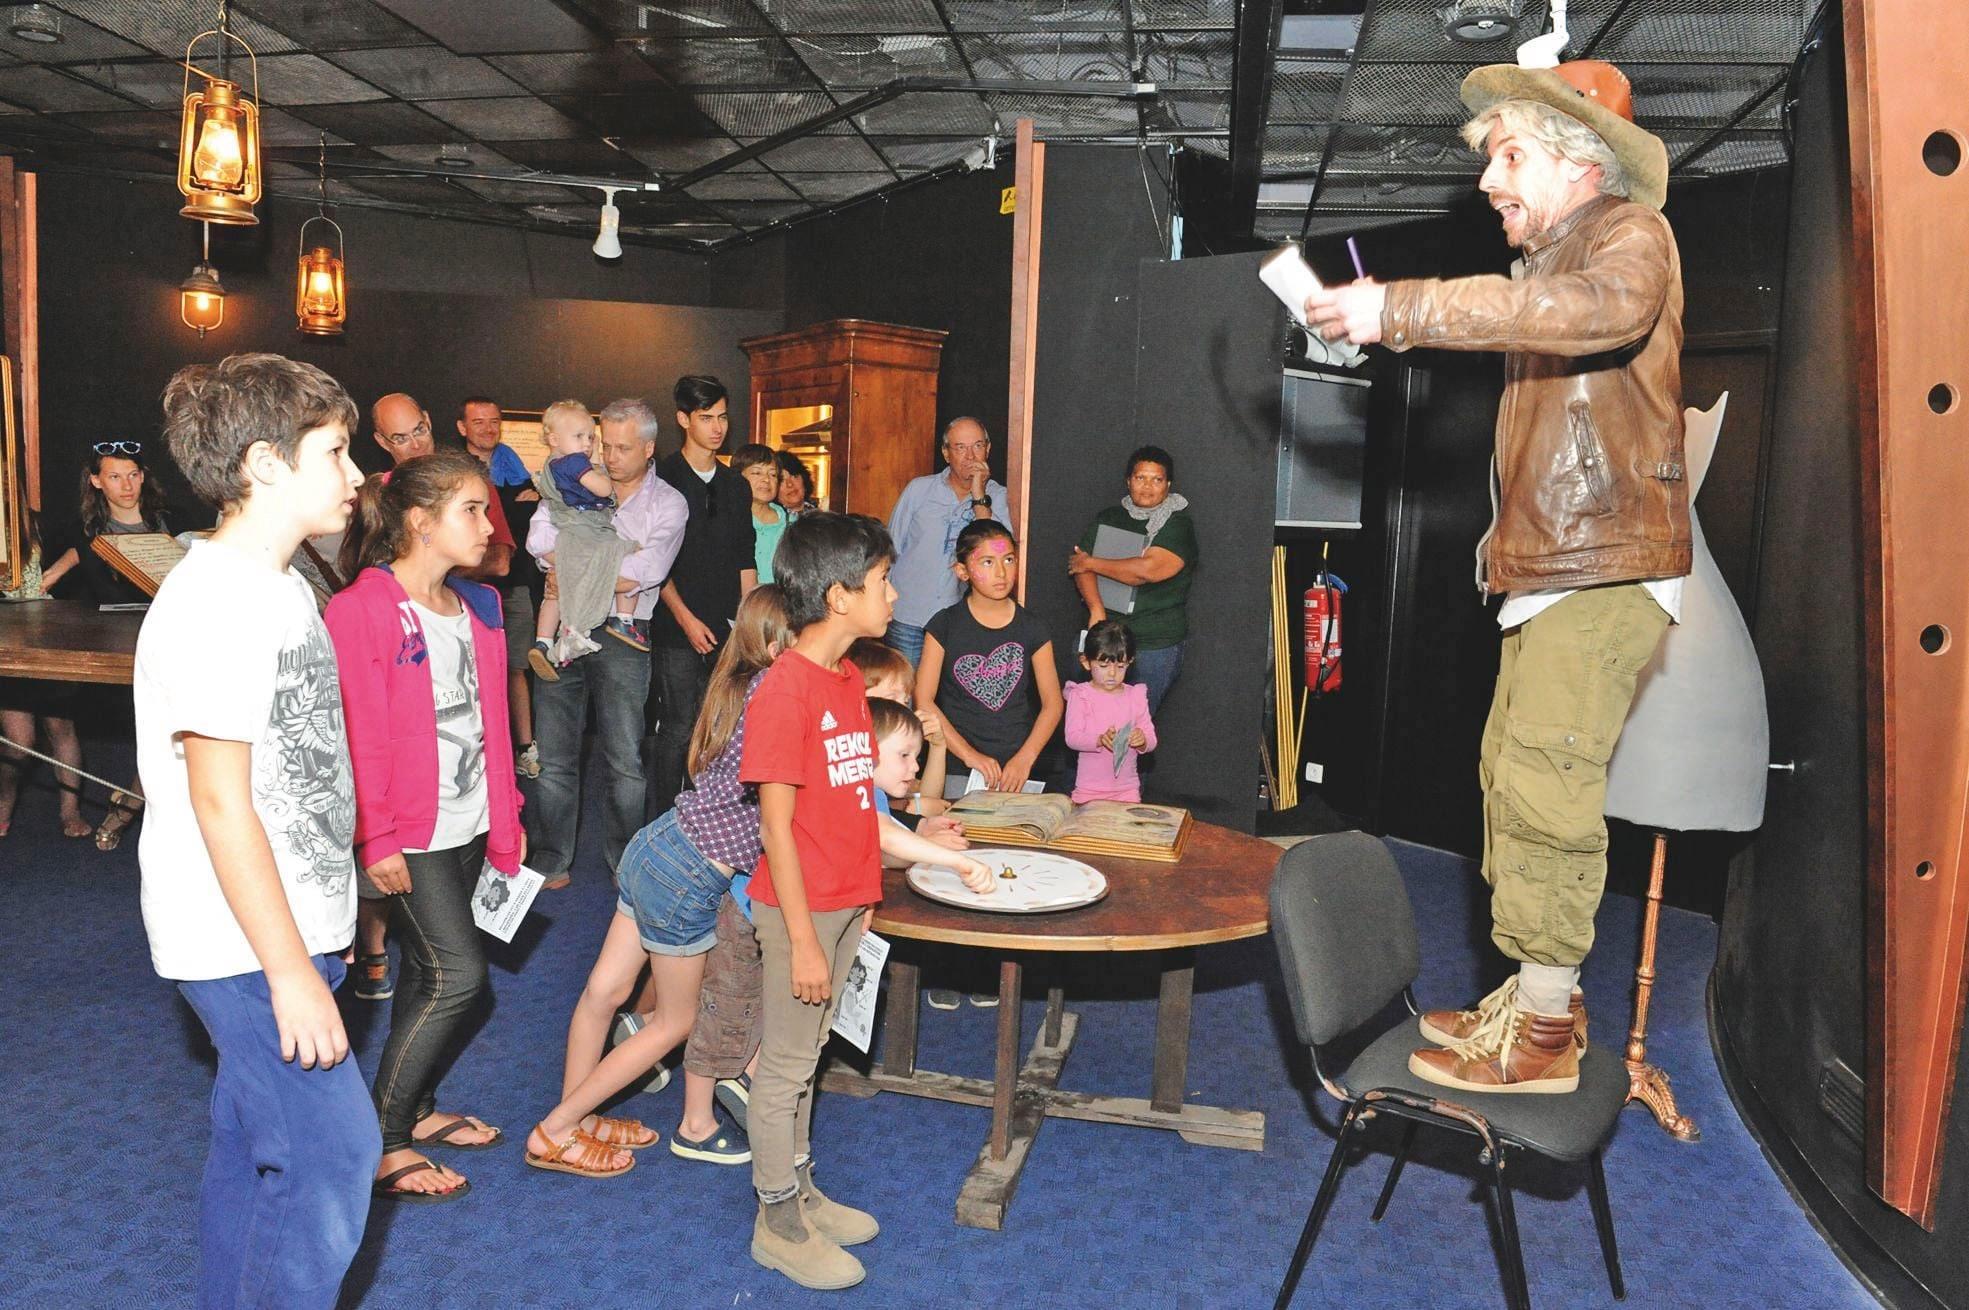 Photo d'illustration, prise lors d'un événement pour enfant organisé par les Extraordinaires en Nouvelle-Calédonie.